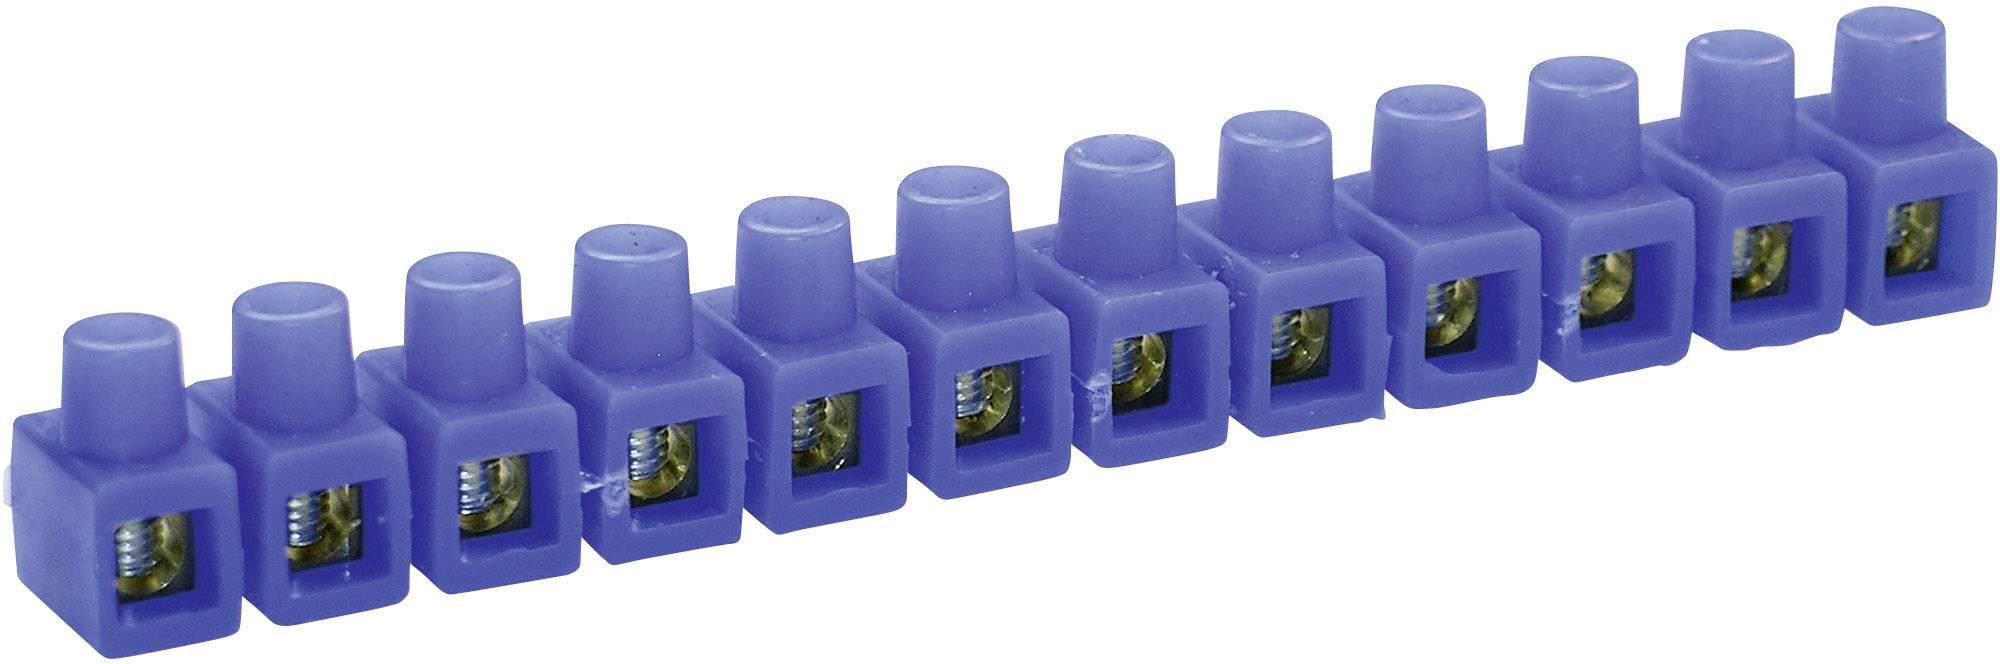 Krabicová svorka Kaiser na kábel s rozmerom 2.5-6 mm², pólů 12, 1 ks, modrá